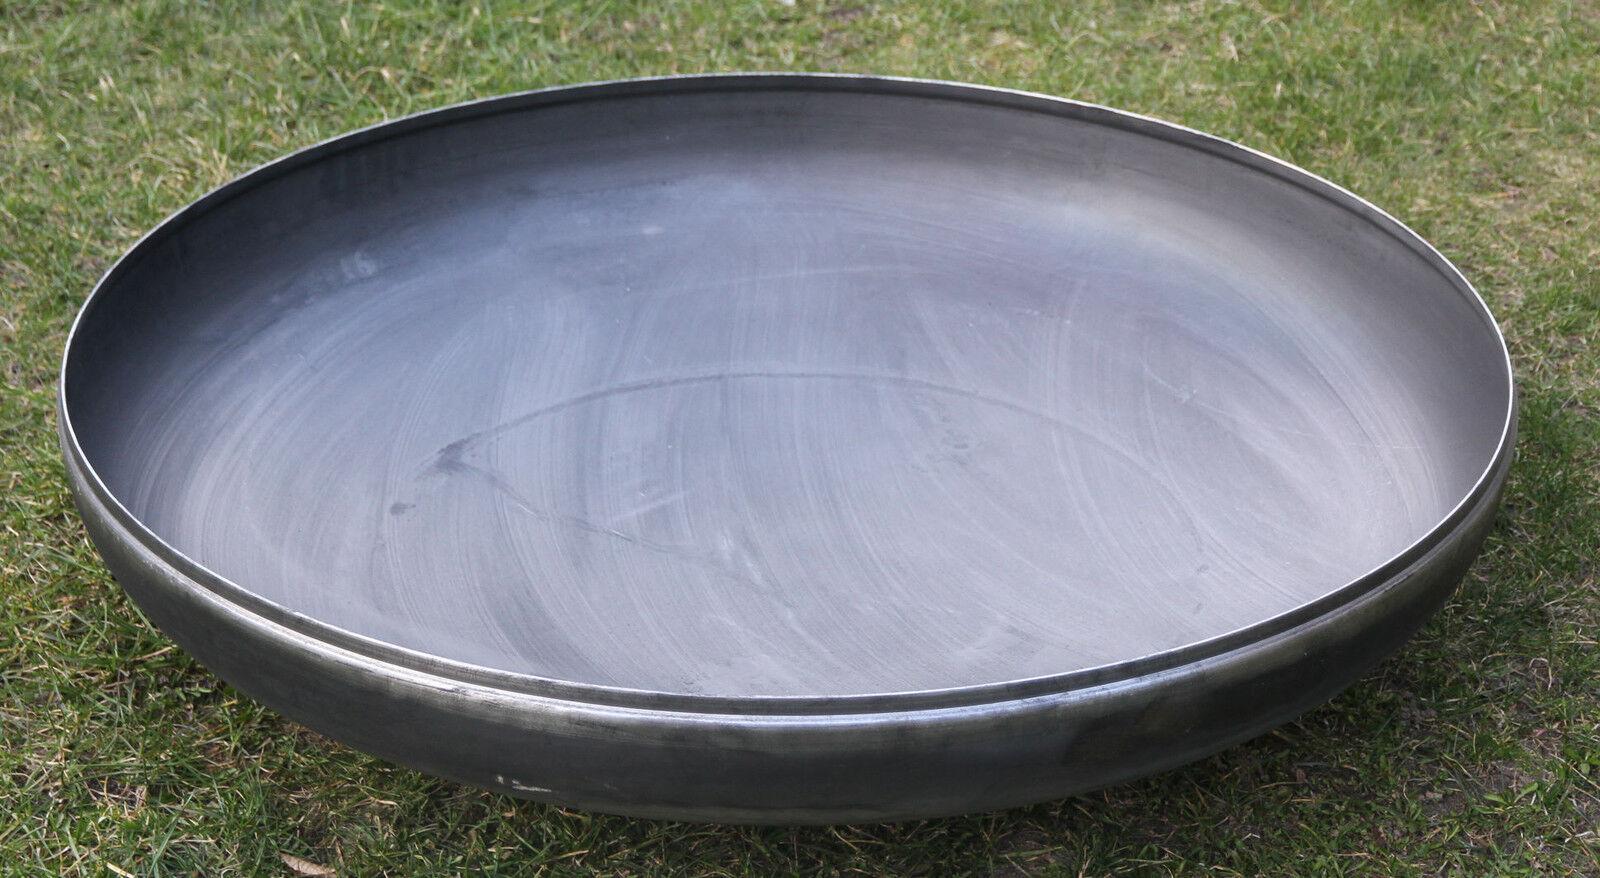 Feuerschale Klöpperboden 600 mm 60 cm Wanddicke 4 mm